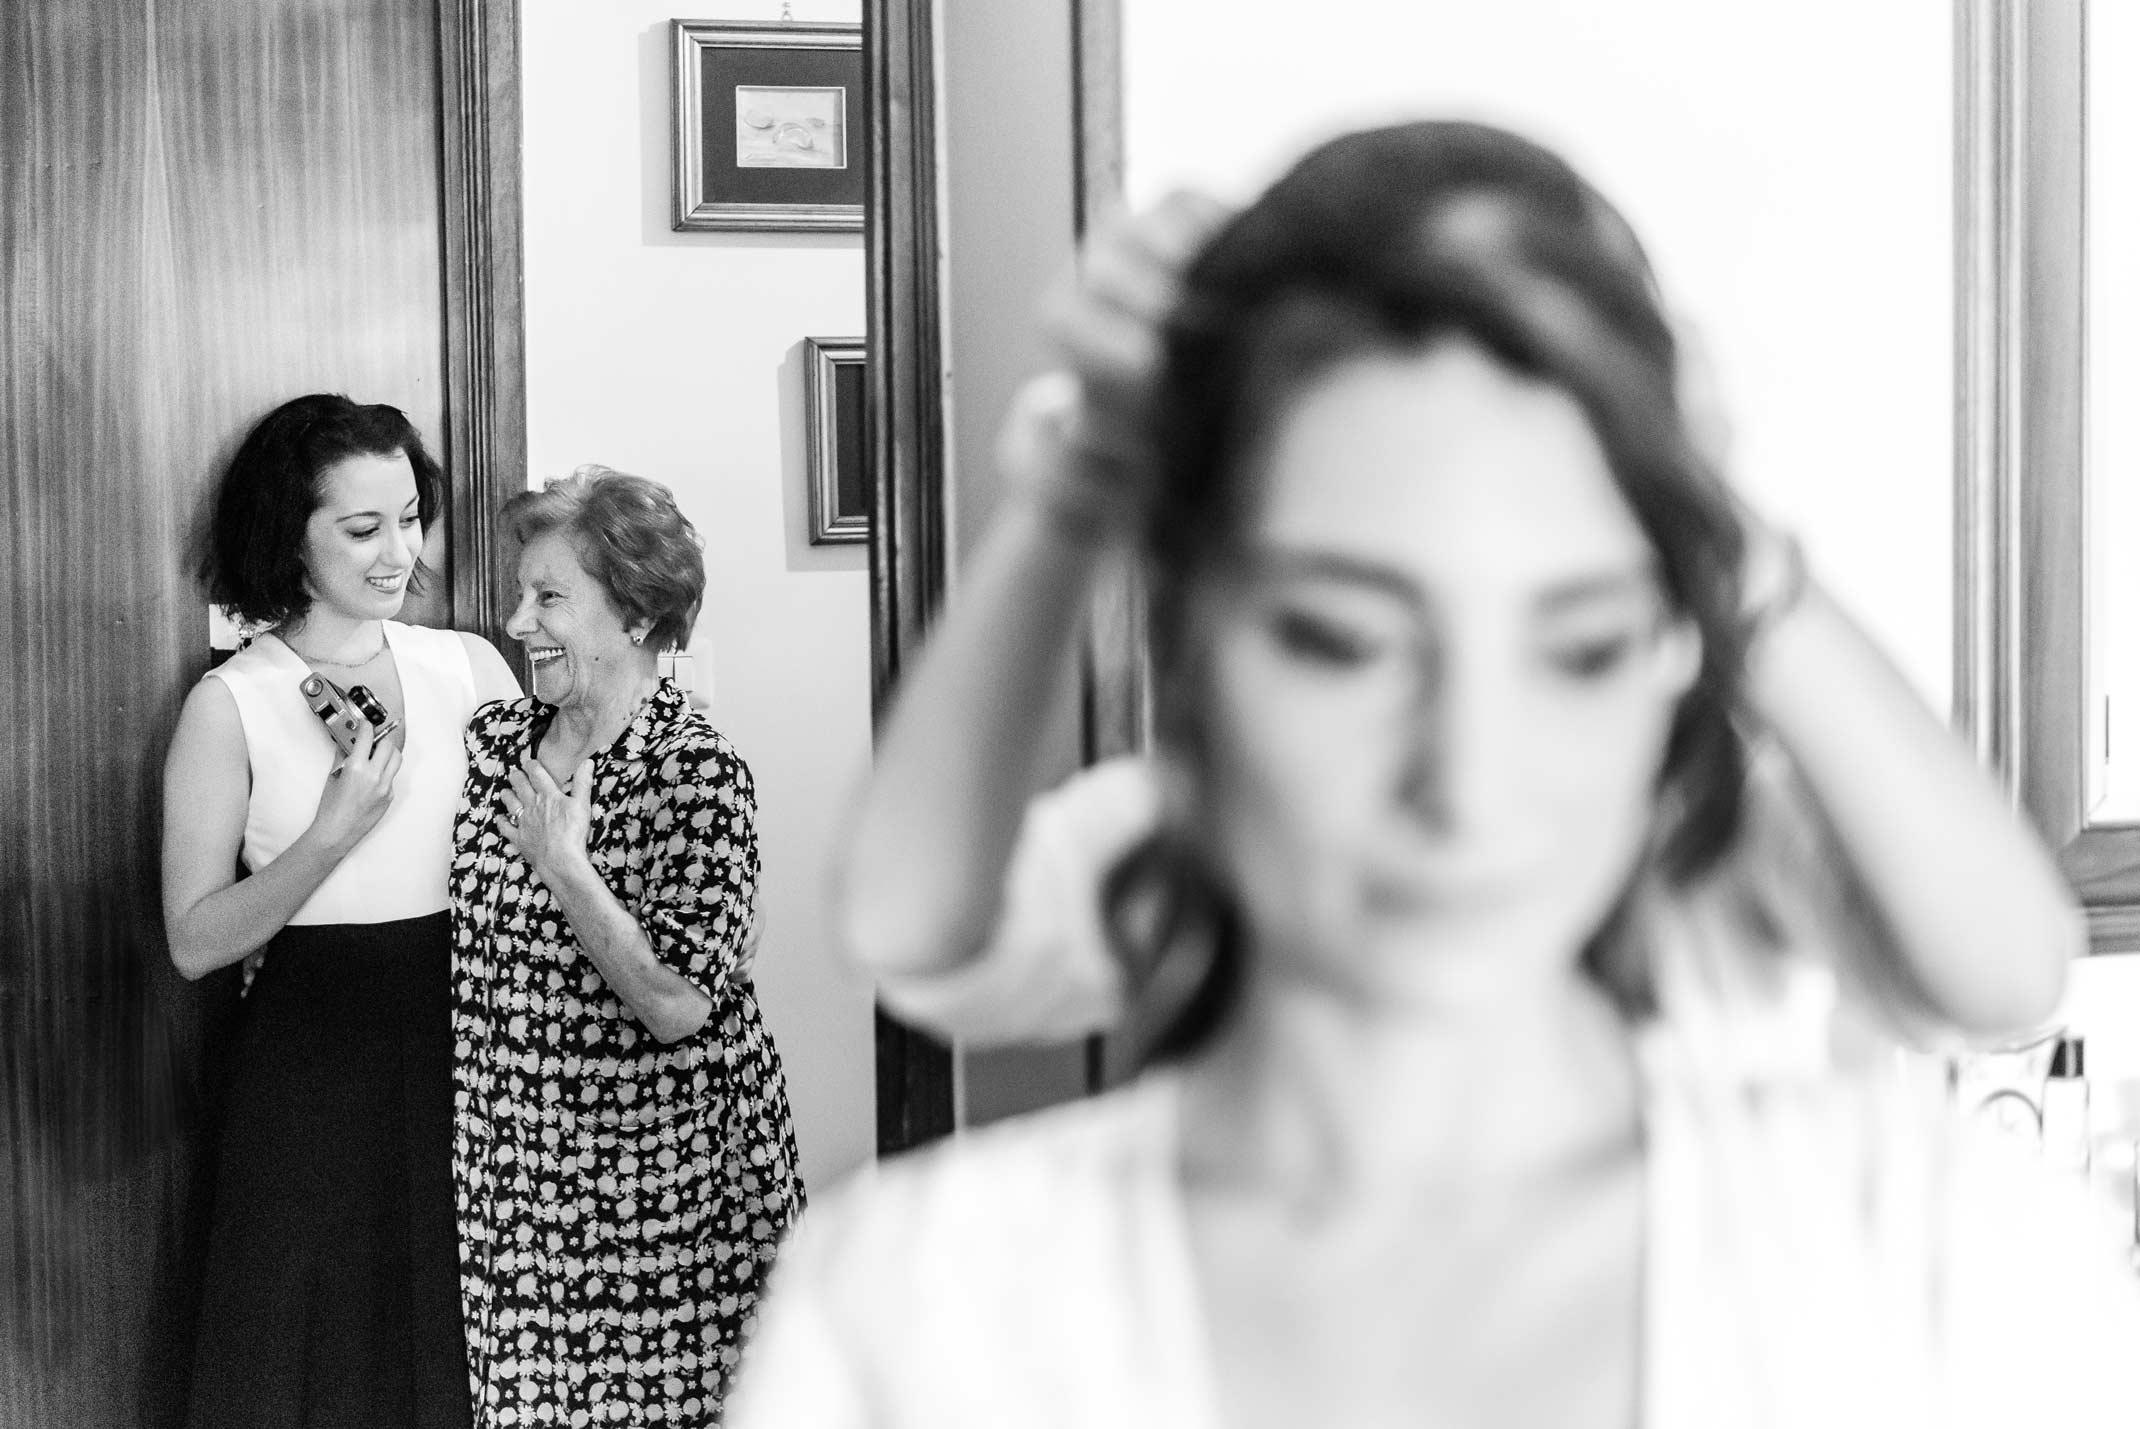 Fotografo-Di-Matrimonio-Stile-Reportage-Preparativi-Sposa